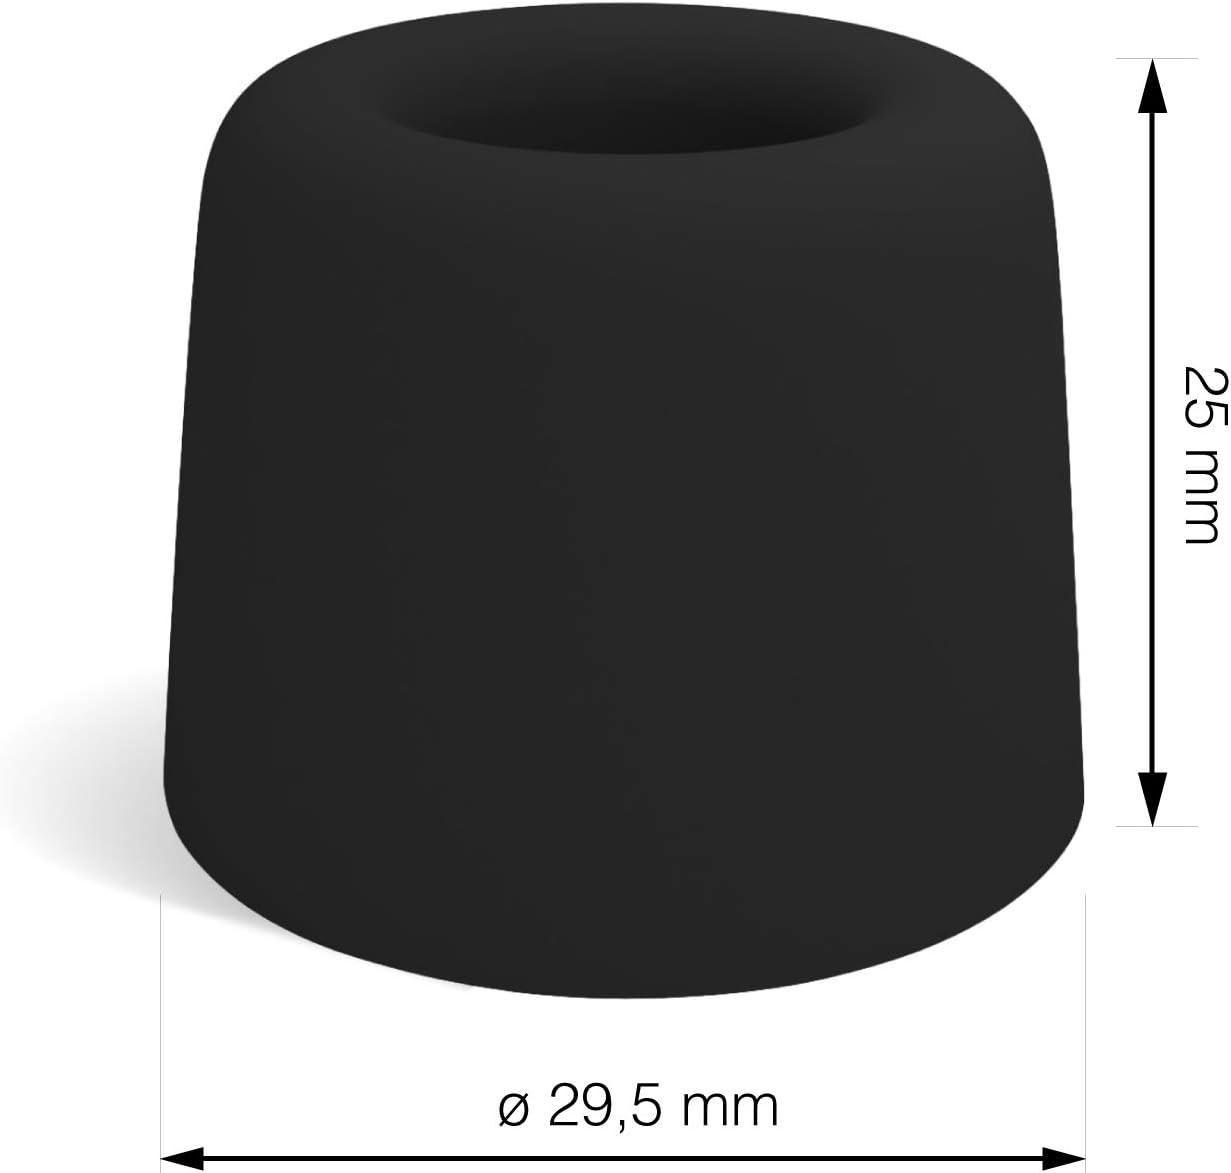 T/ürstopper Bodenmontage Der Perfekte Schutz gegen anschlagende T/üren LouMaxx T/ürstopper Boden Schrauben aus Gummi T/ürstopper Kunststoff T/ürstopper Gummi 3er Set in schwarz